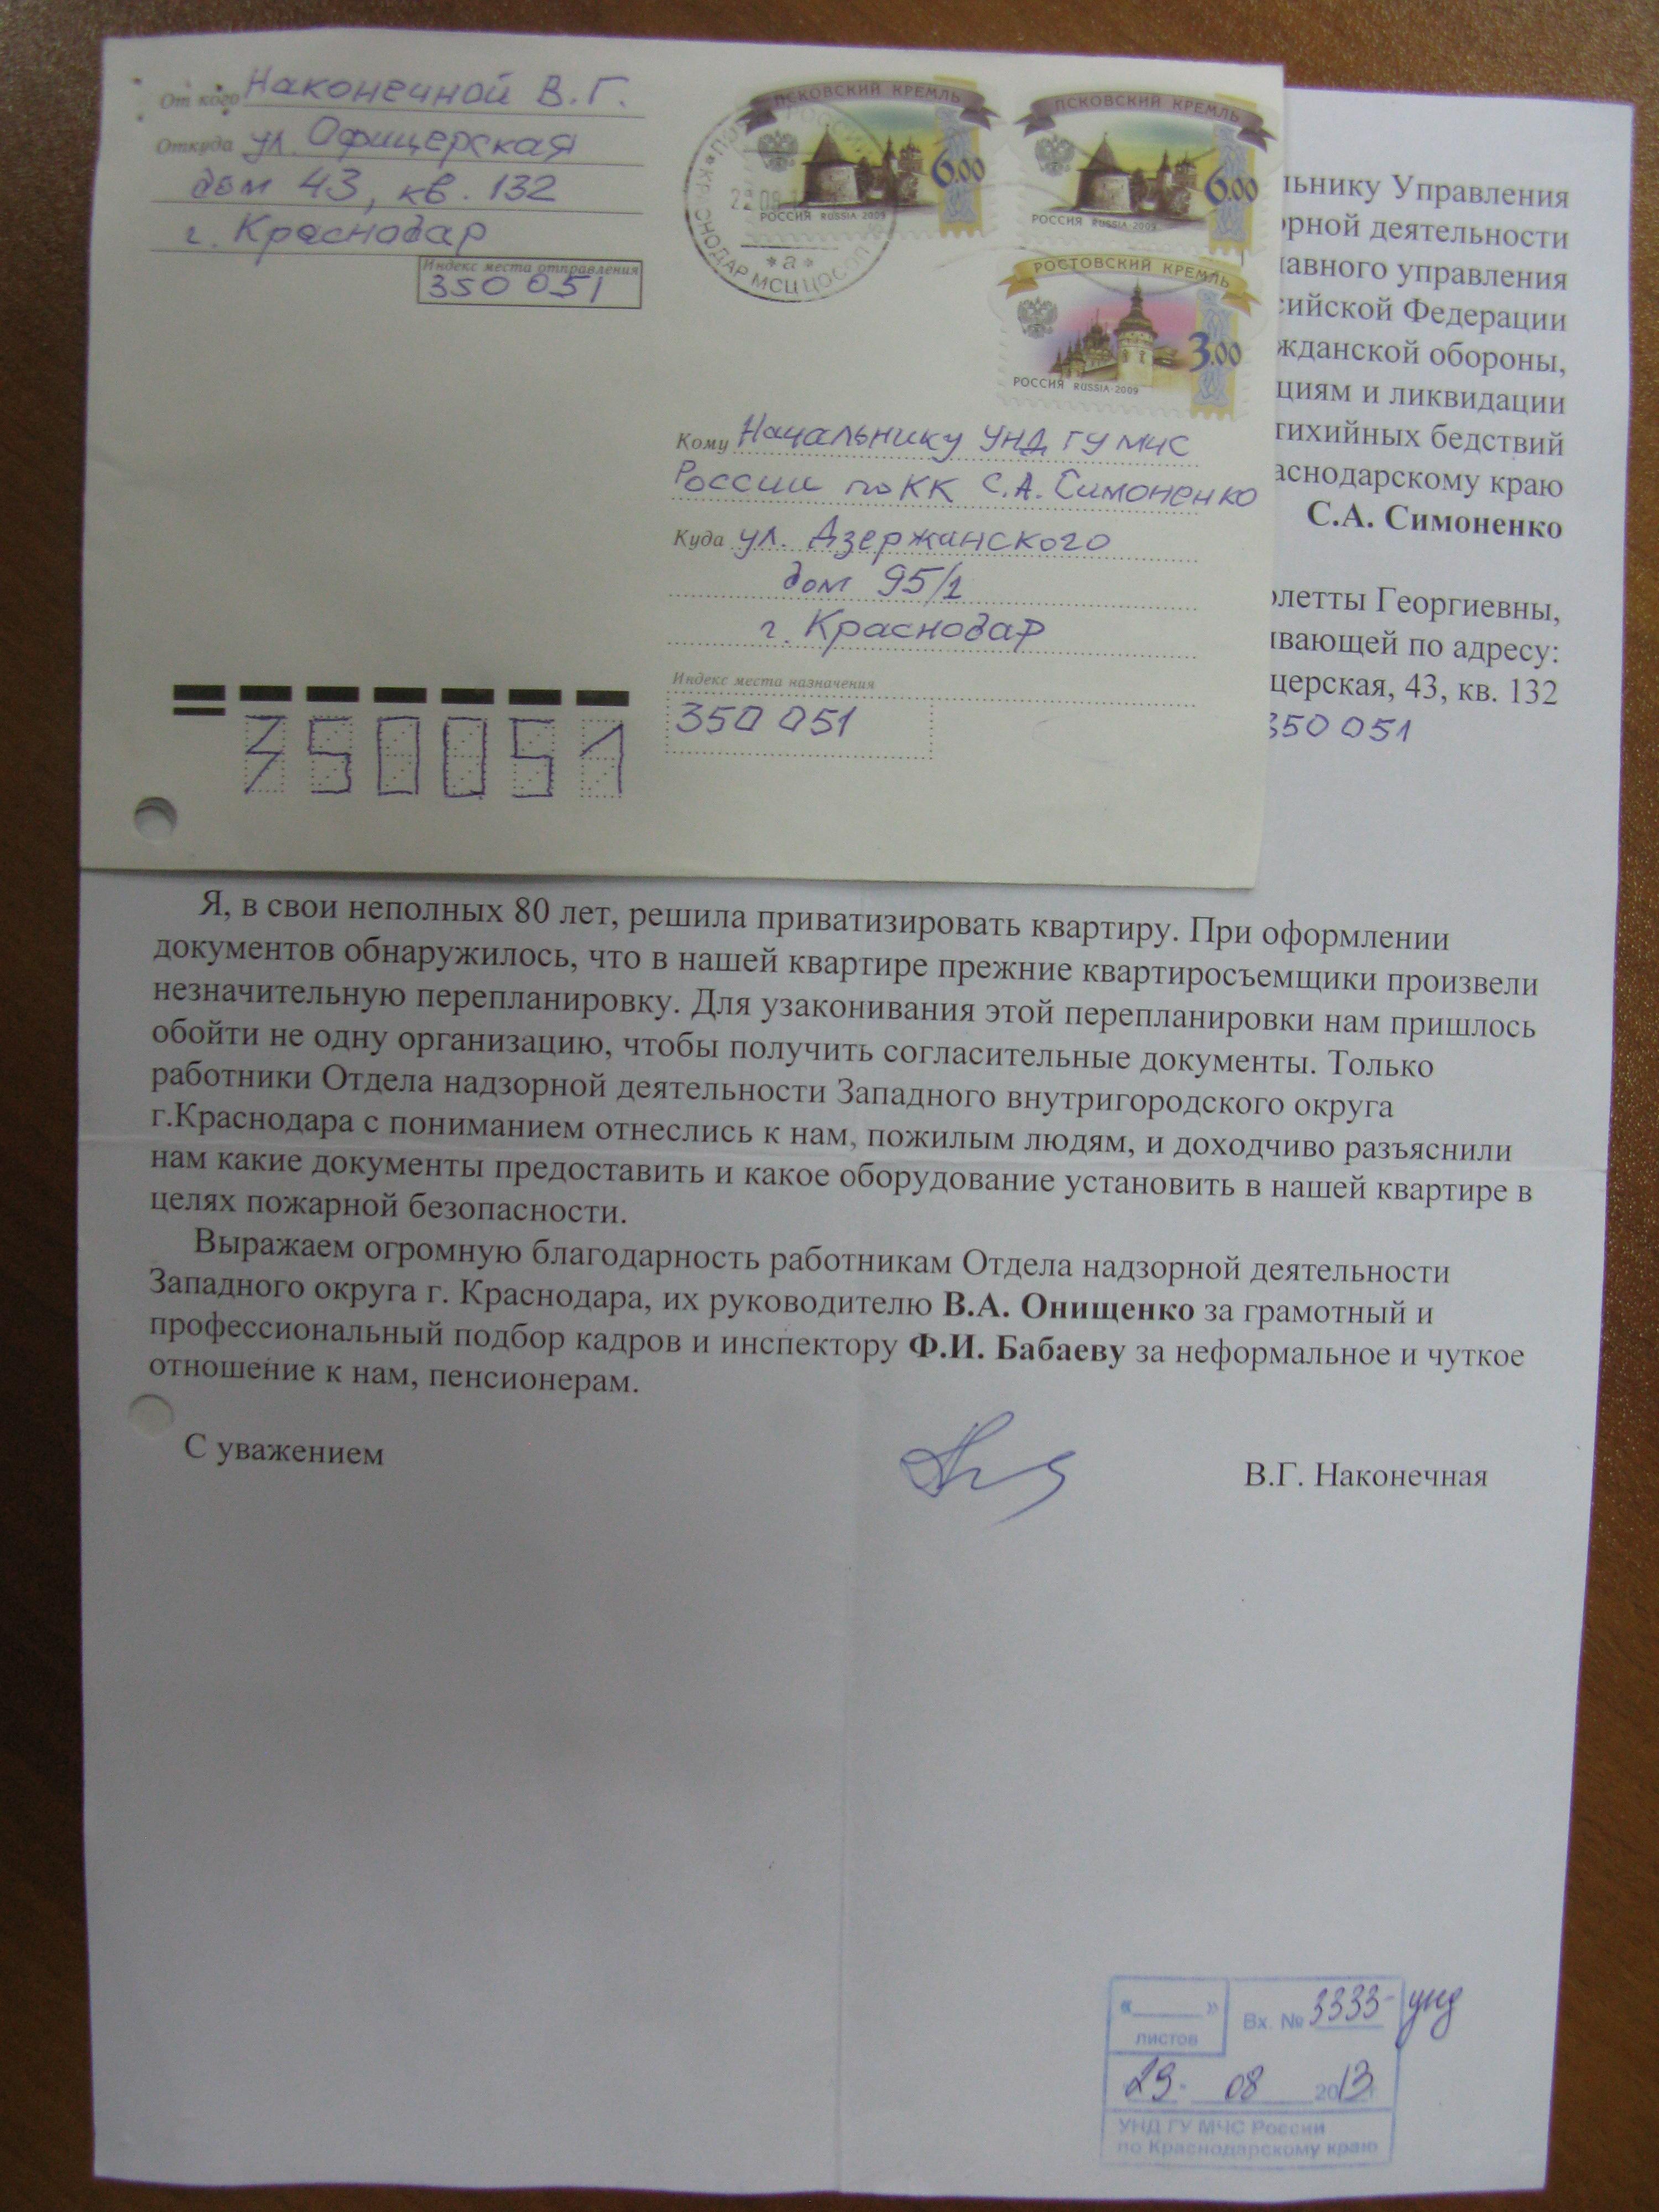 Письмо со словами благодарности в адрес сорудников ОНД г. Краснодара